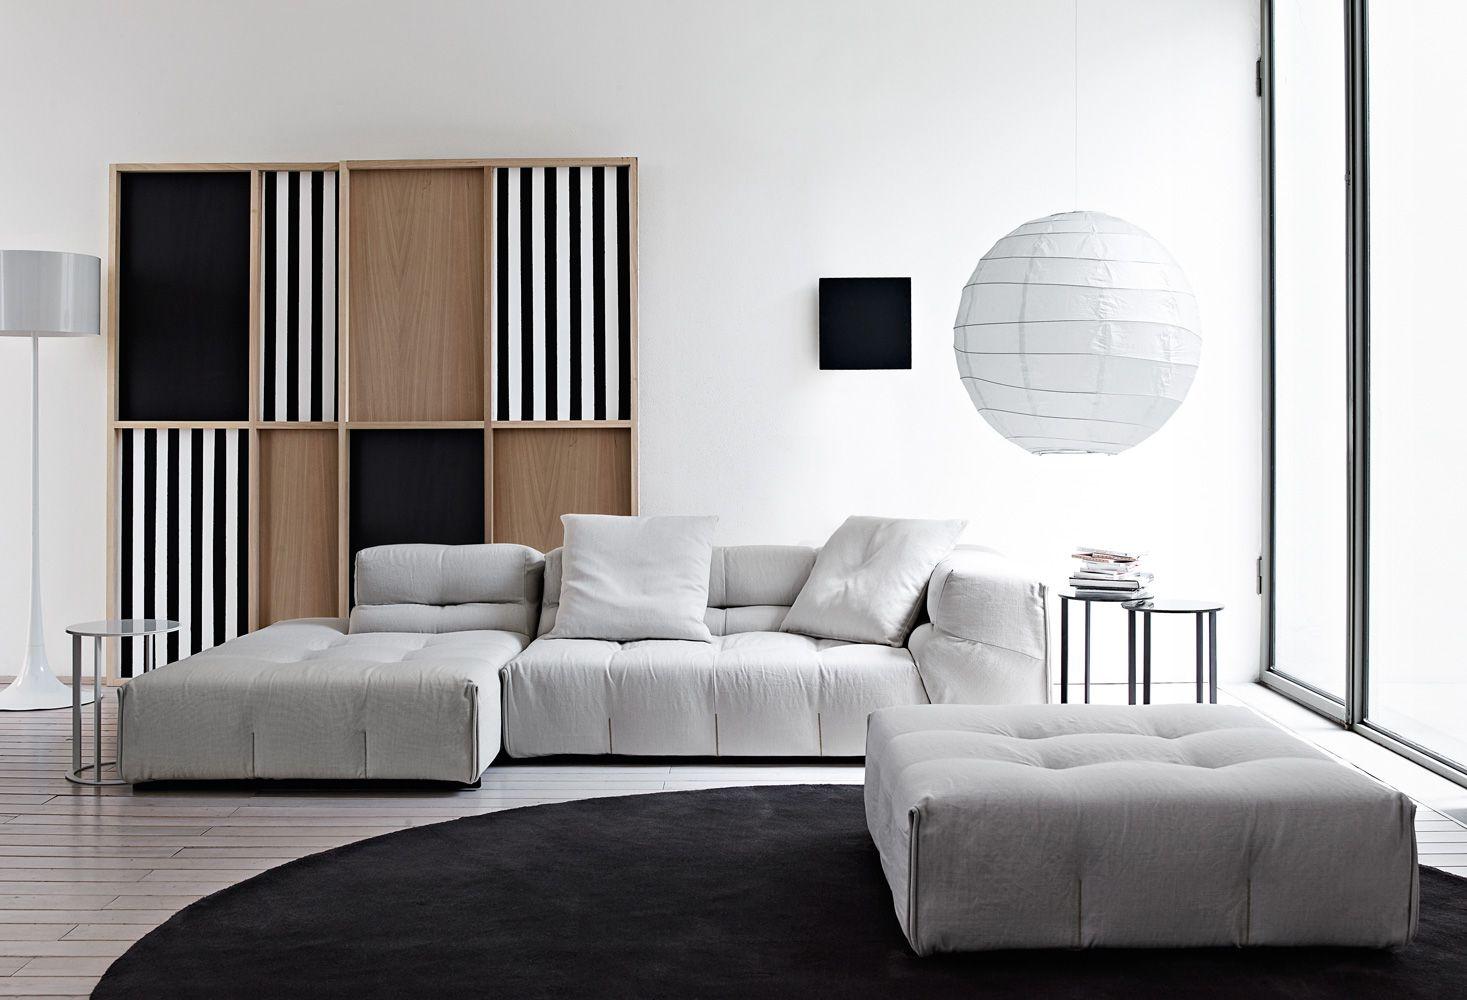 TuftyToo modular sofa from B & B Italia Minimalist sofa